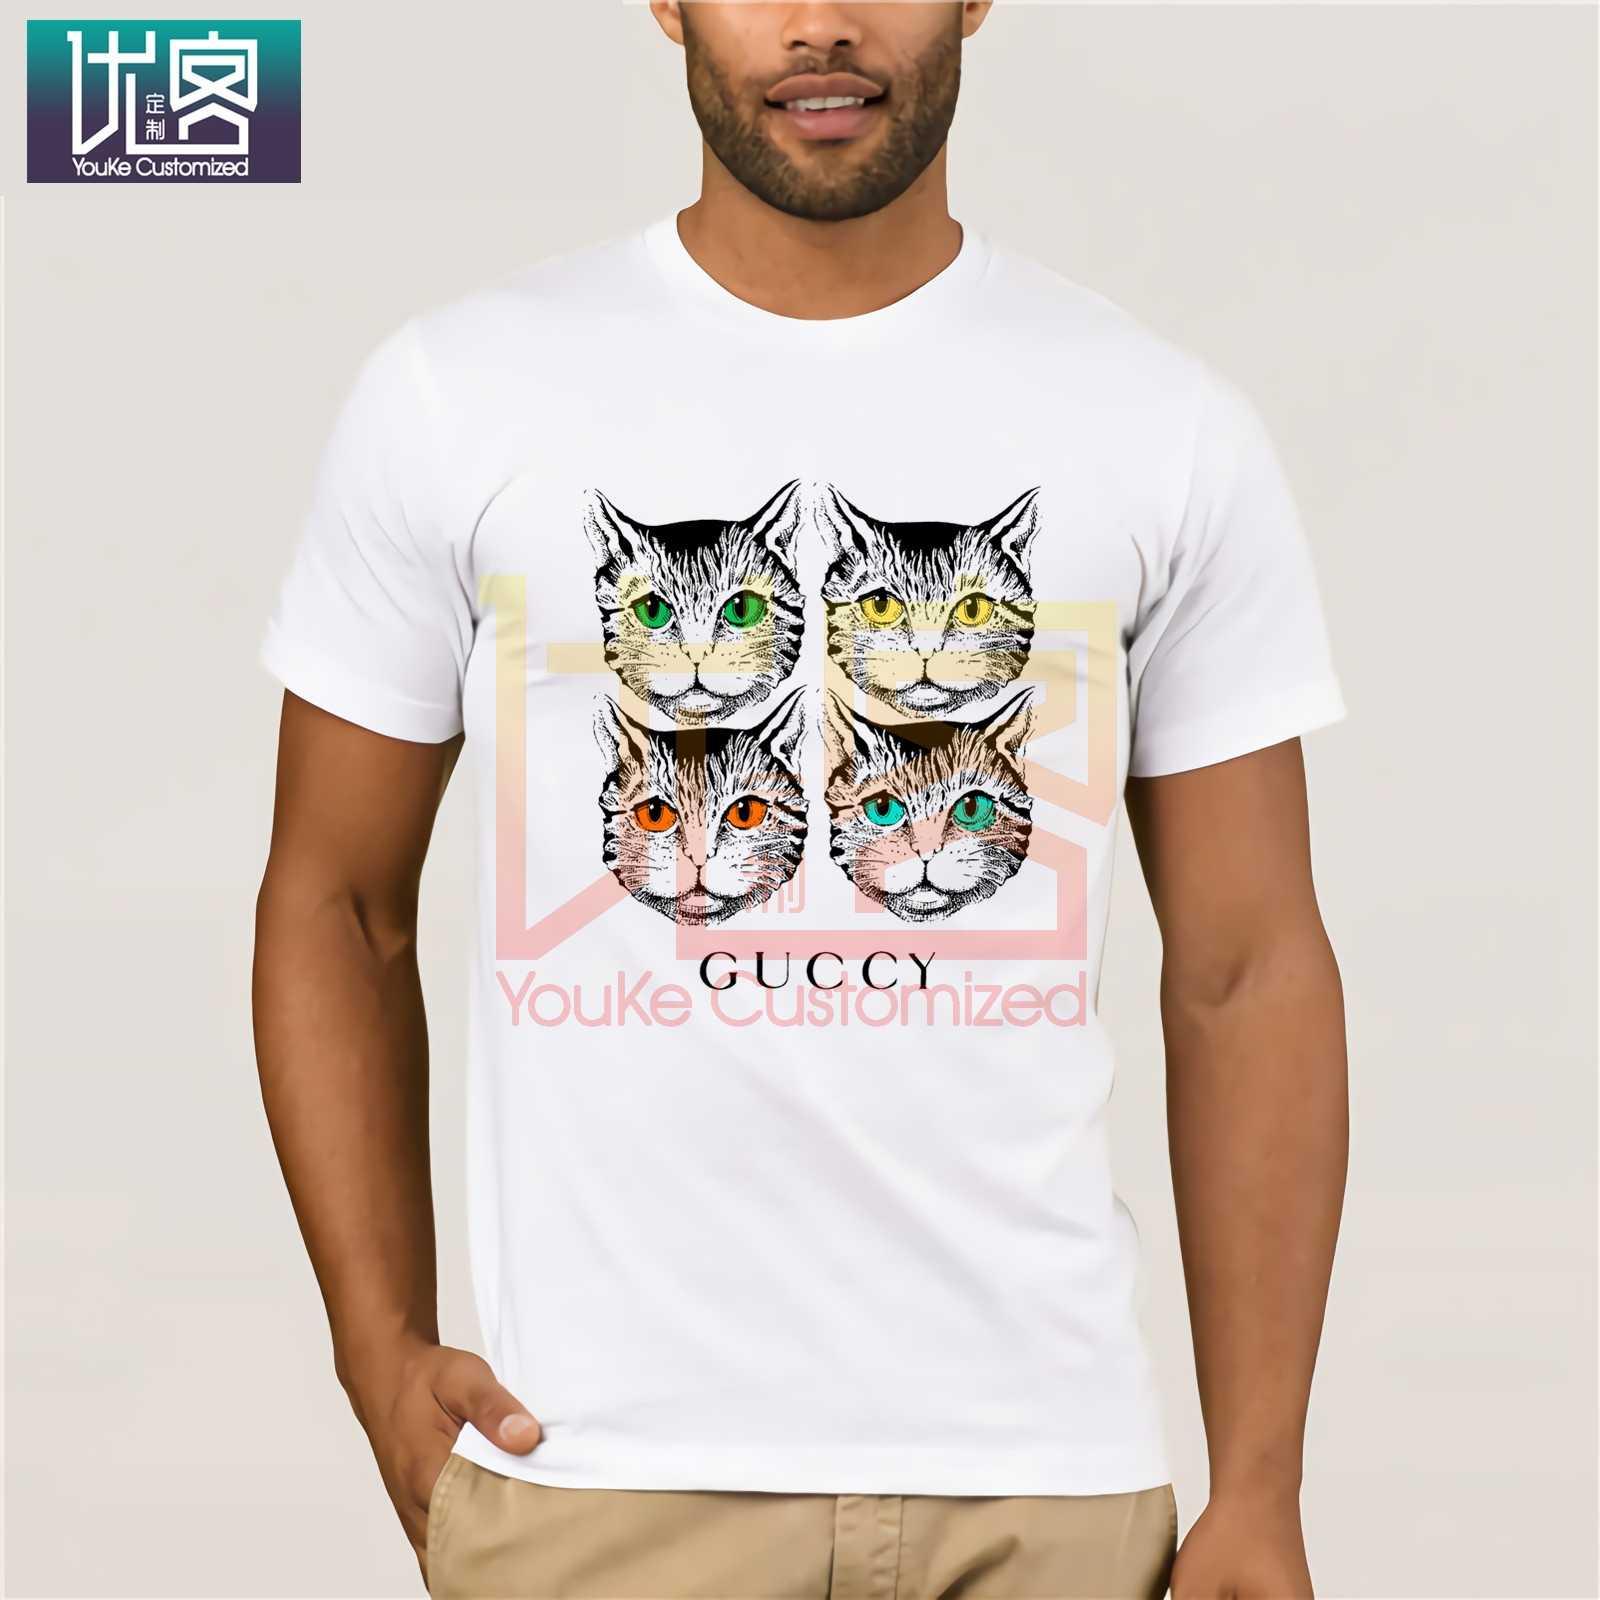 Новинка 2020, мужские футболки с принтом GUCCY, повседневный топ с коротким рукавом и круглым вырезом, хлопковые футболки, топы, Юмористическая футболка, 100% хлопковые топы с графикой